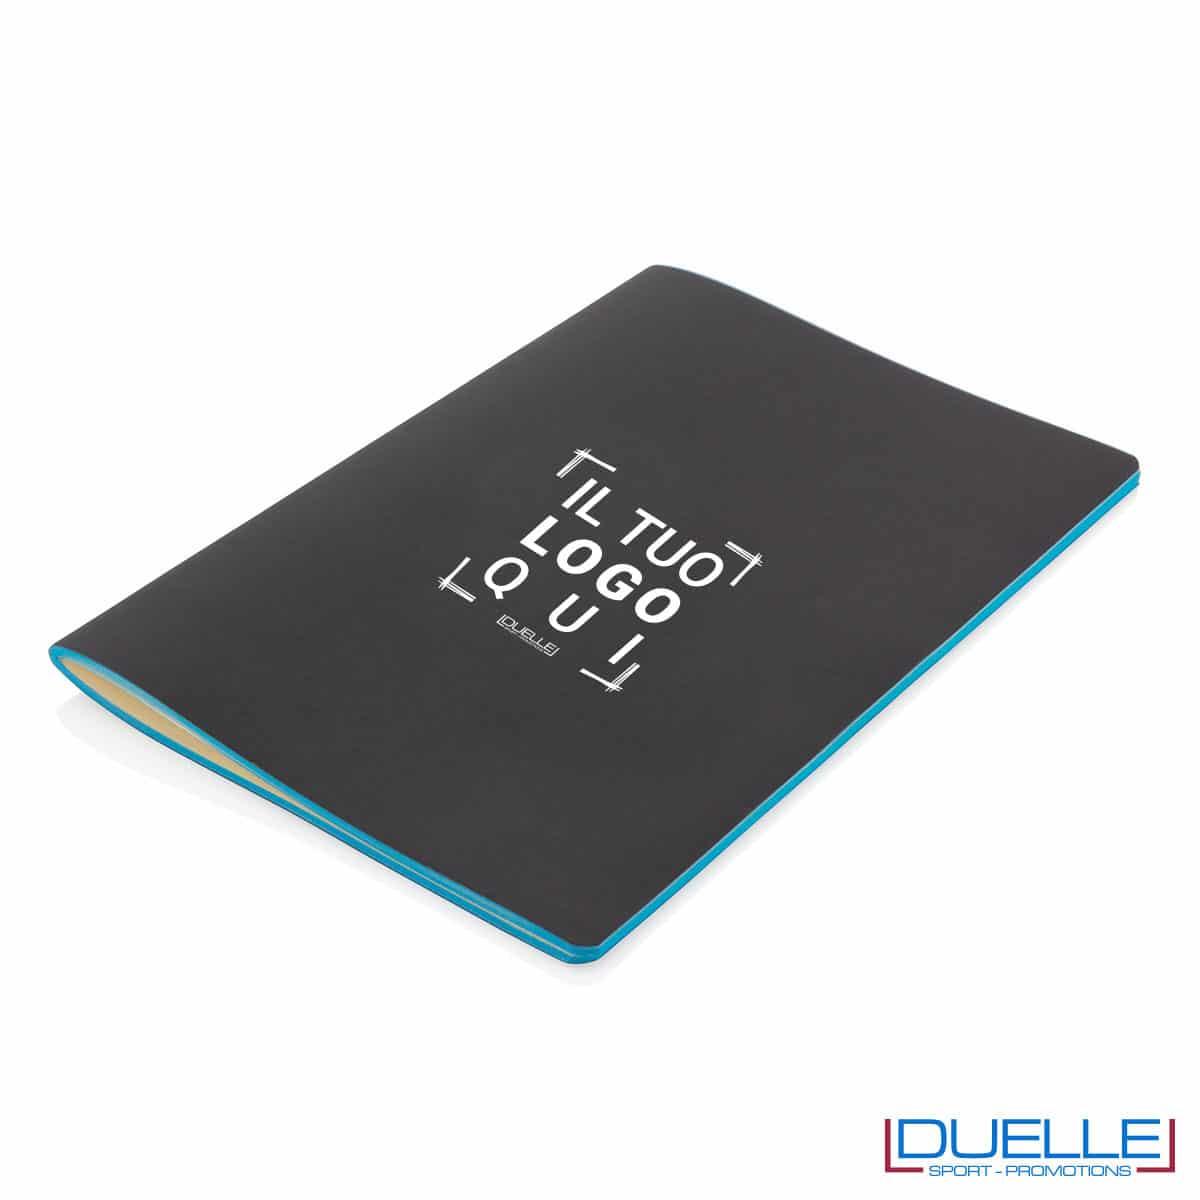 Block notes flessibile con bordo azzurro personalizzato con stampa a colori